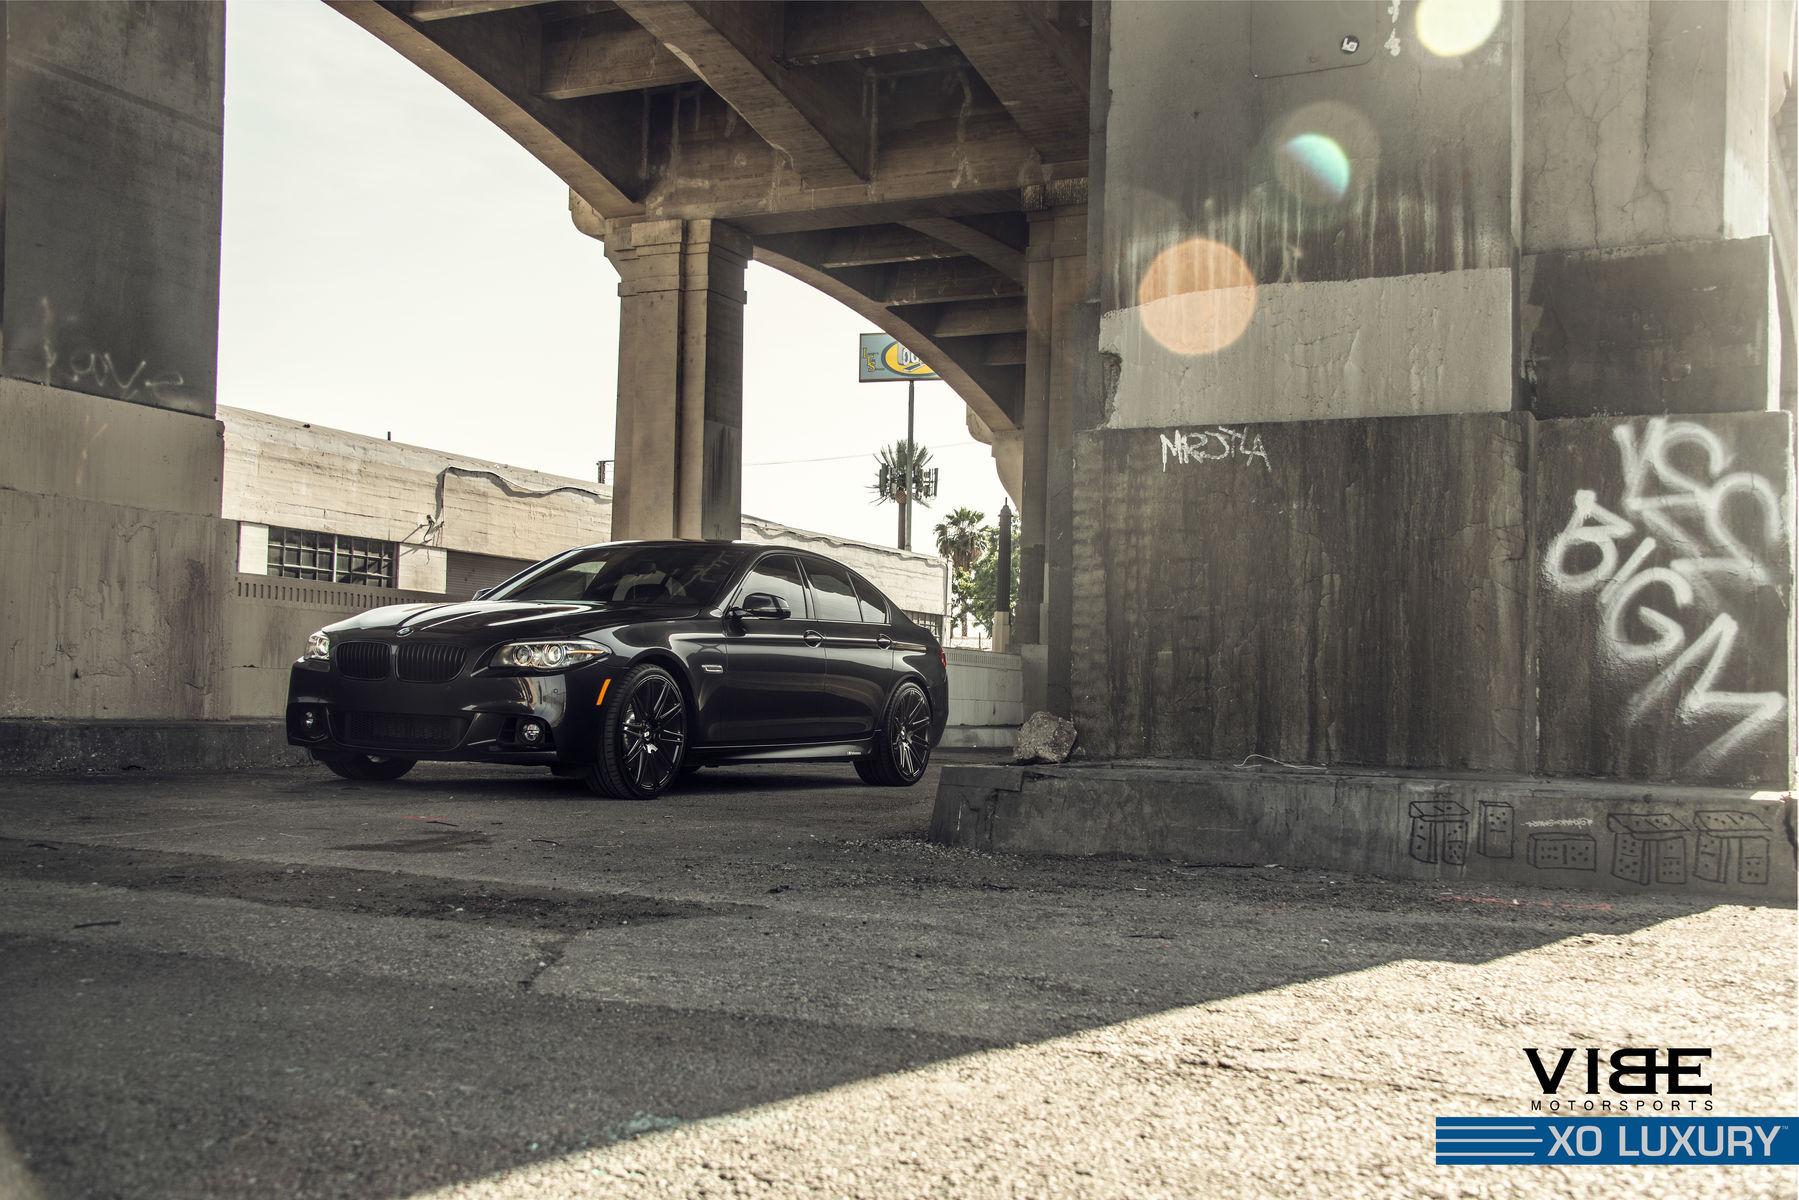 2014 BMW 5 Series   BMW 535i on 20